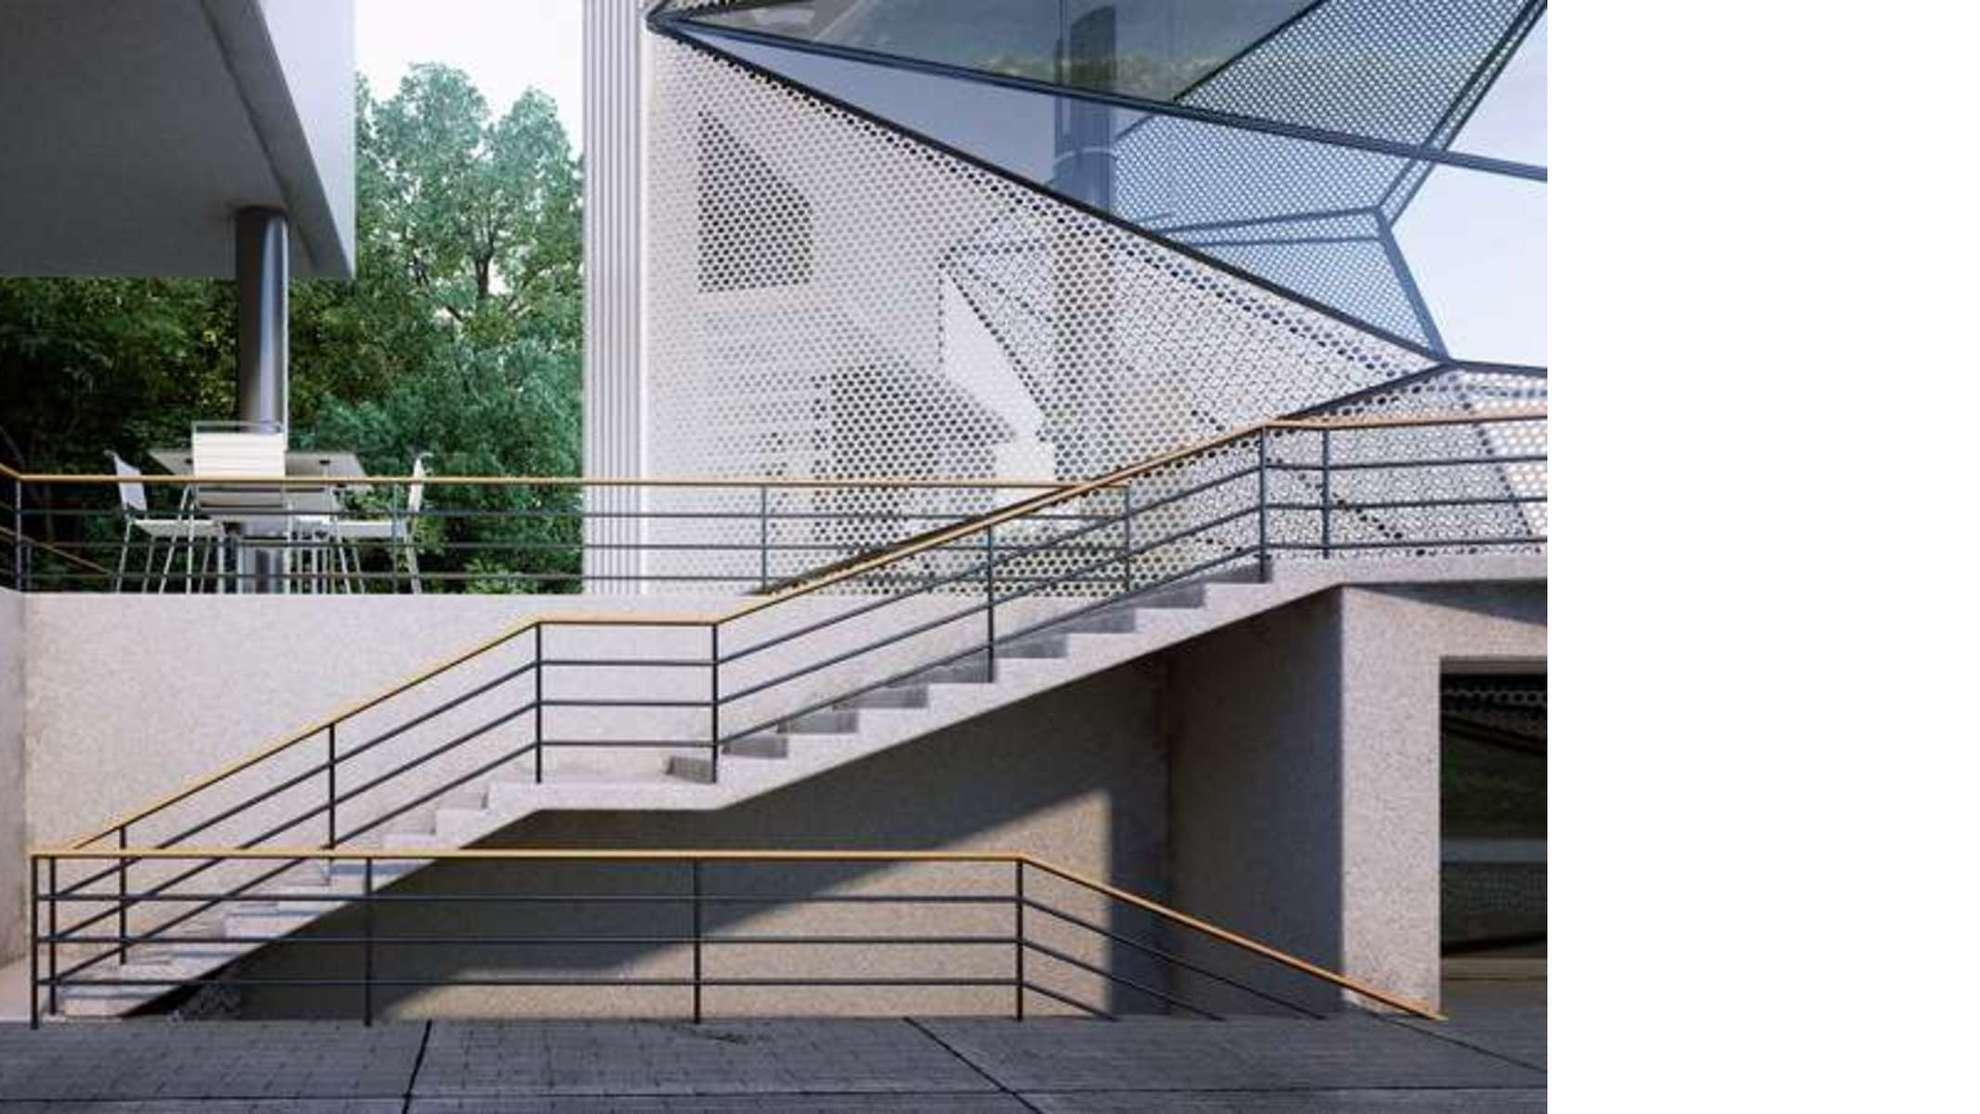 Urban Office Architecture: Urban Office Architecture Aviator's Villa